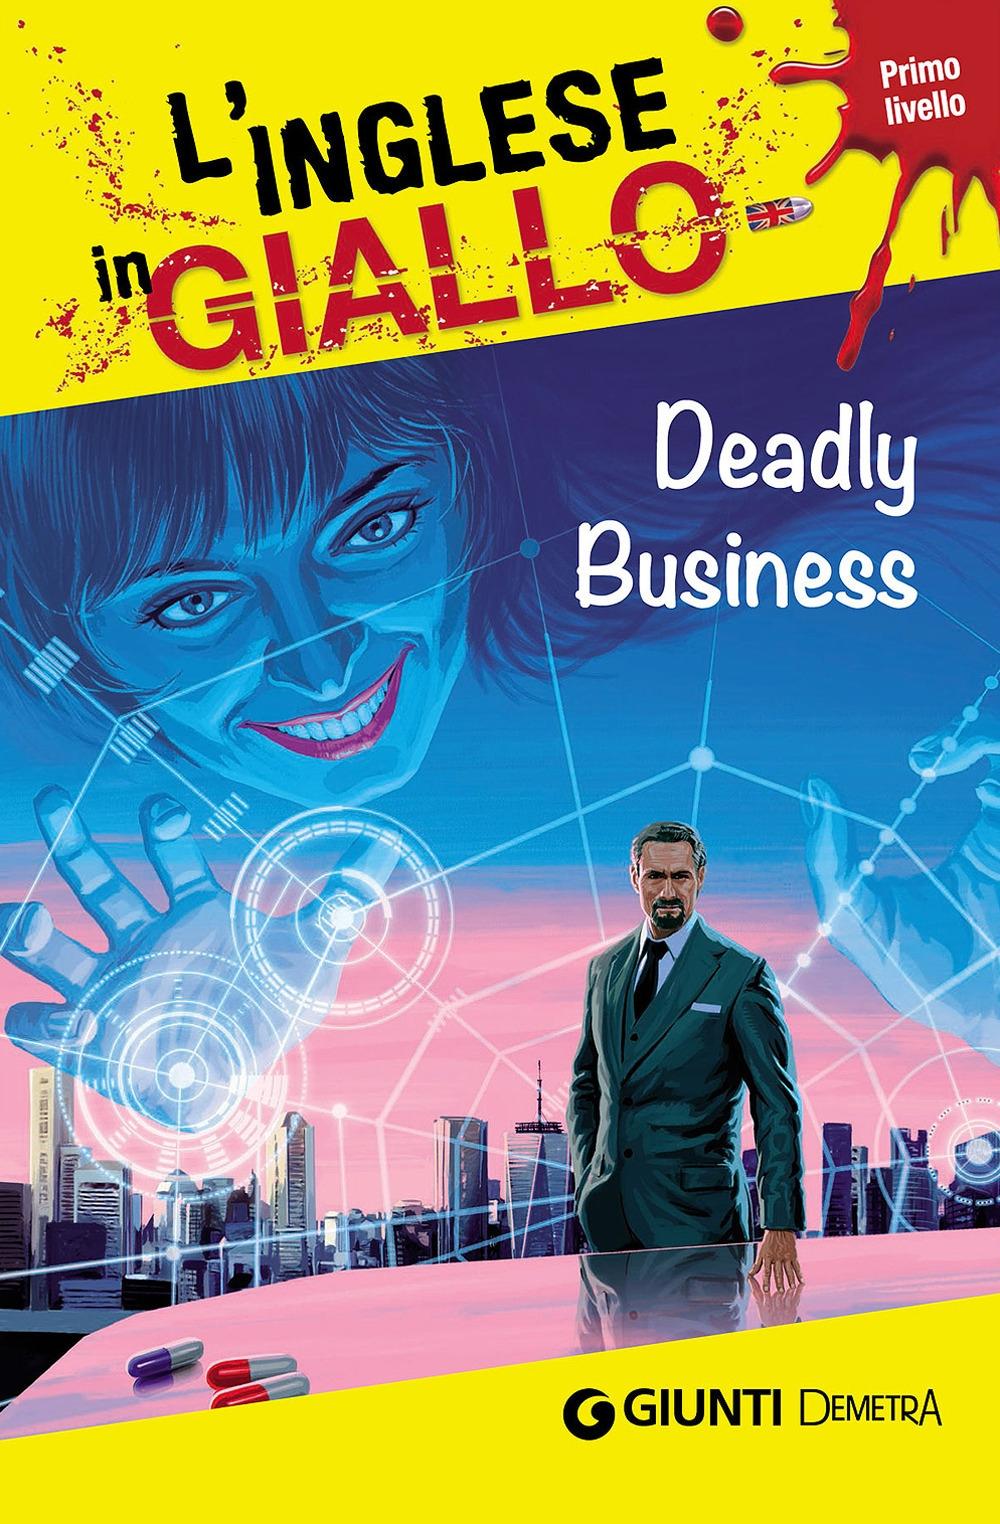 Deadly business. I racconti che migliorano il tuo inglese! Primo livello.